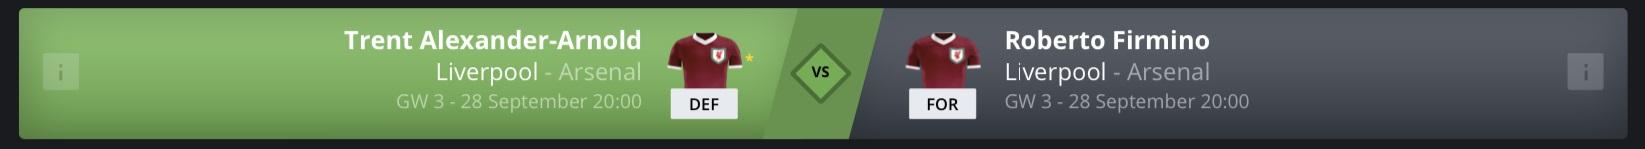 FanTeam Player Matchups - PL Gameweek 3